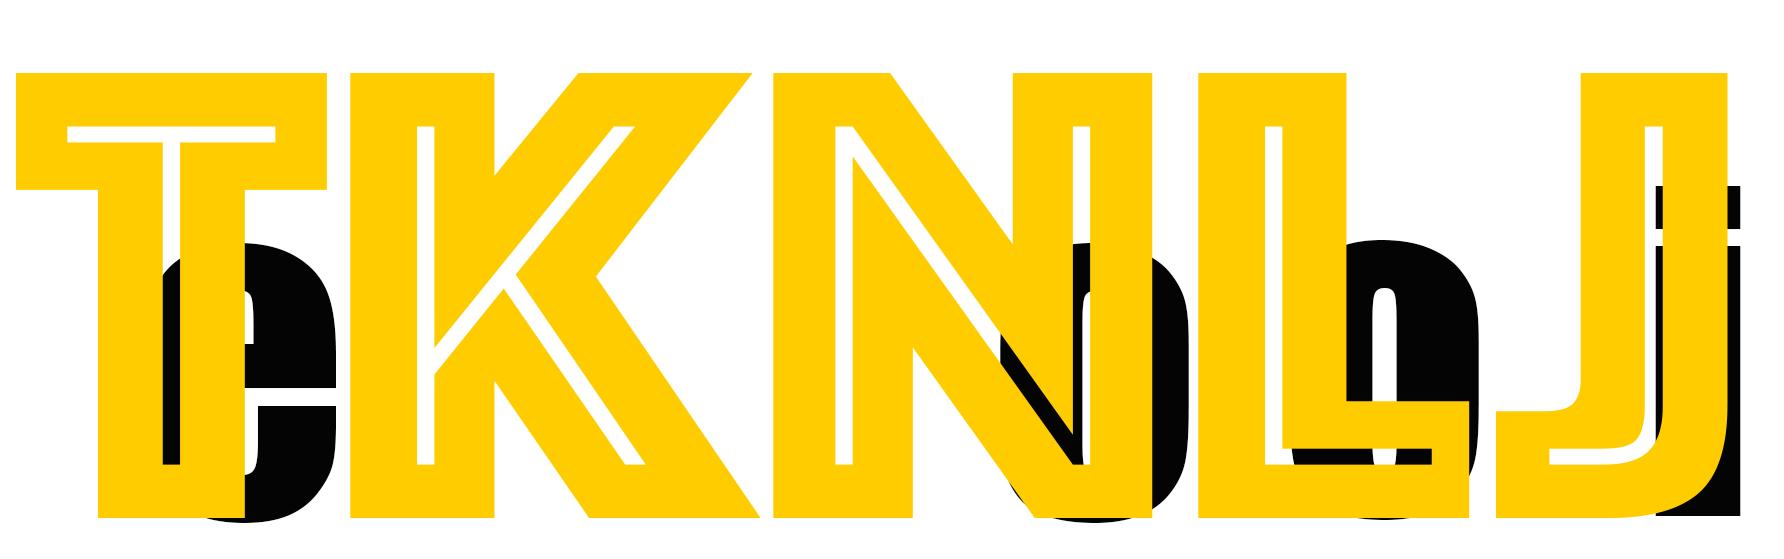 T K N L J